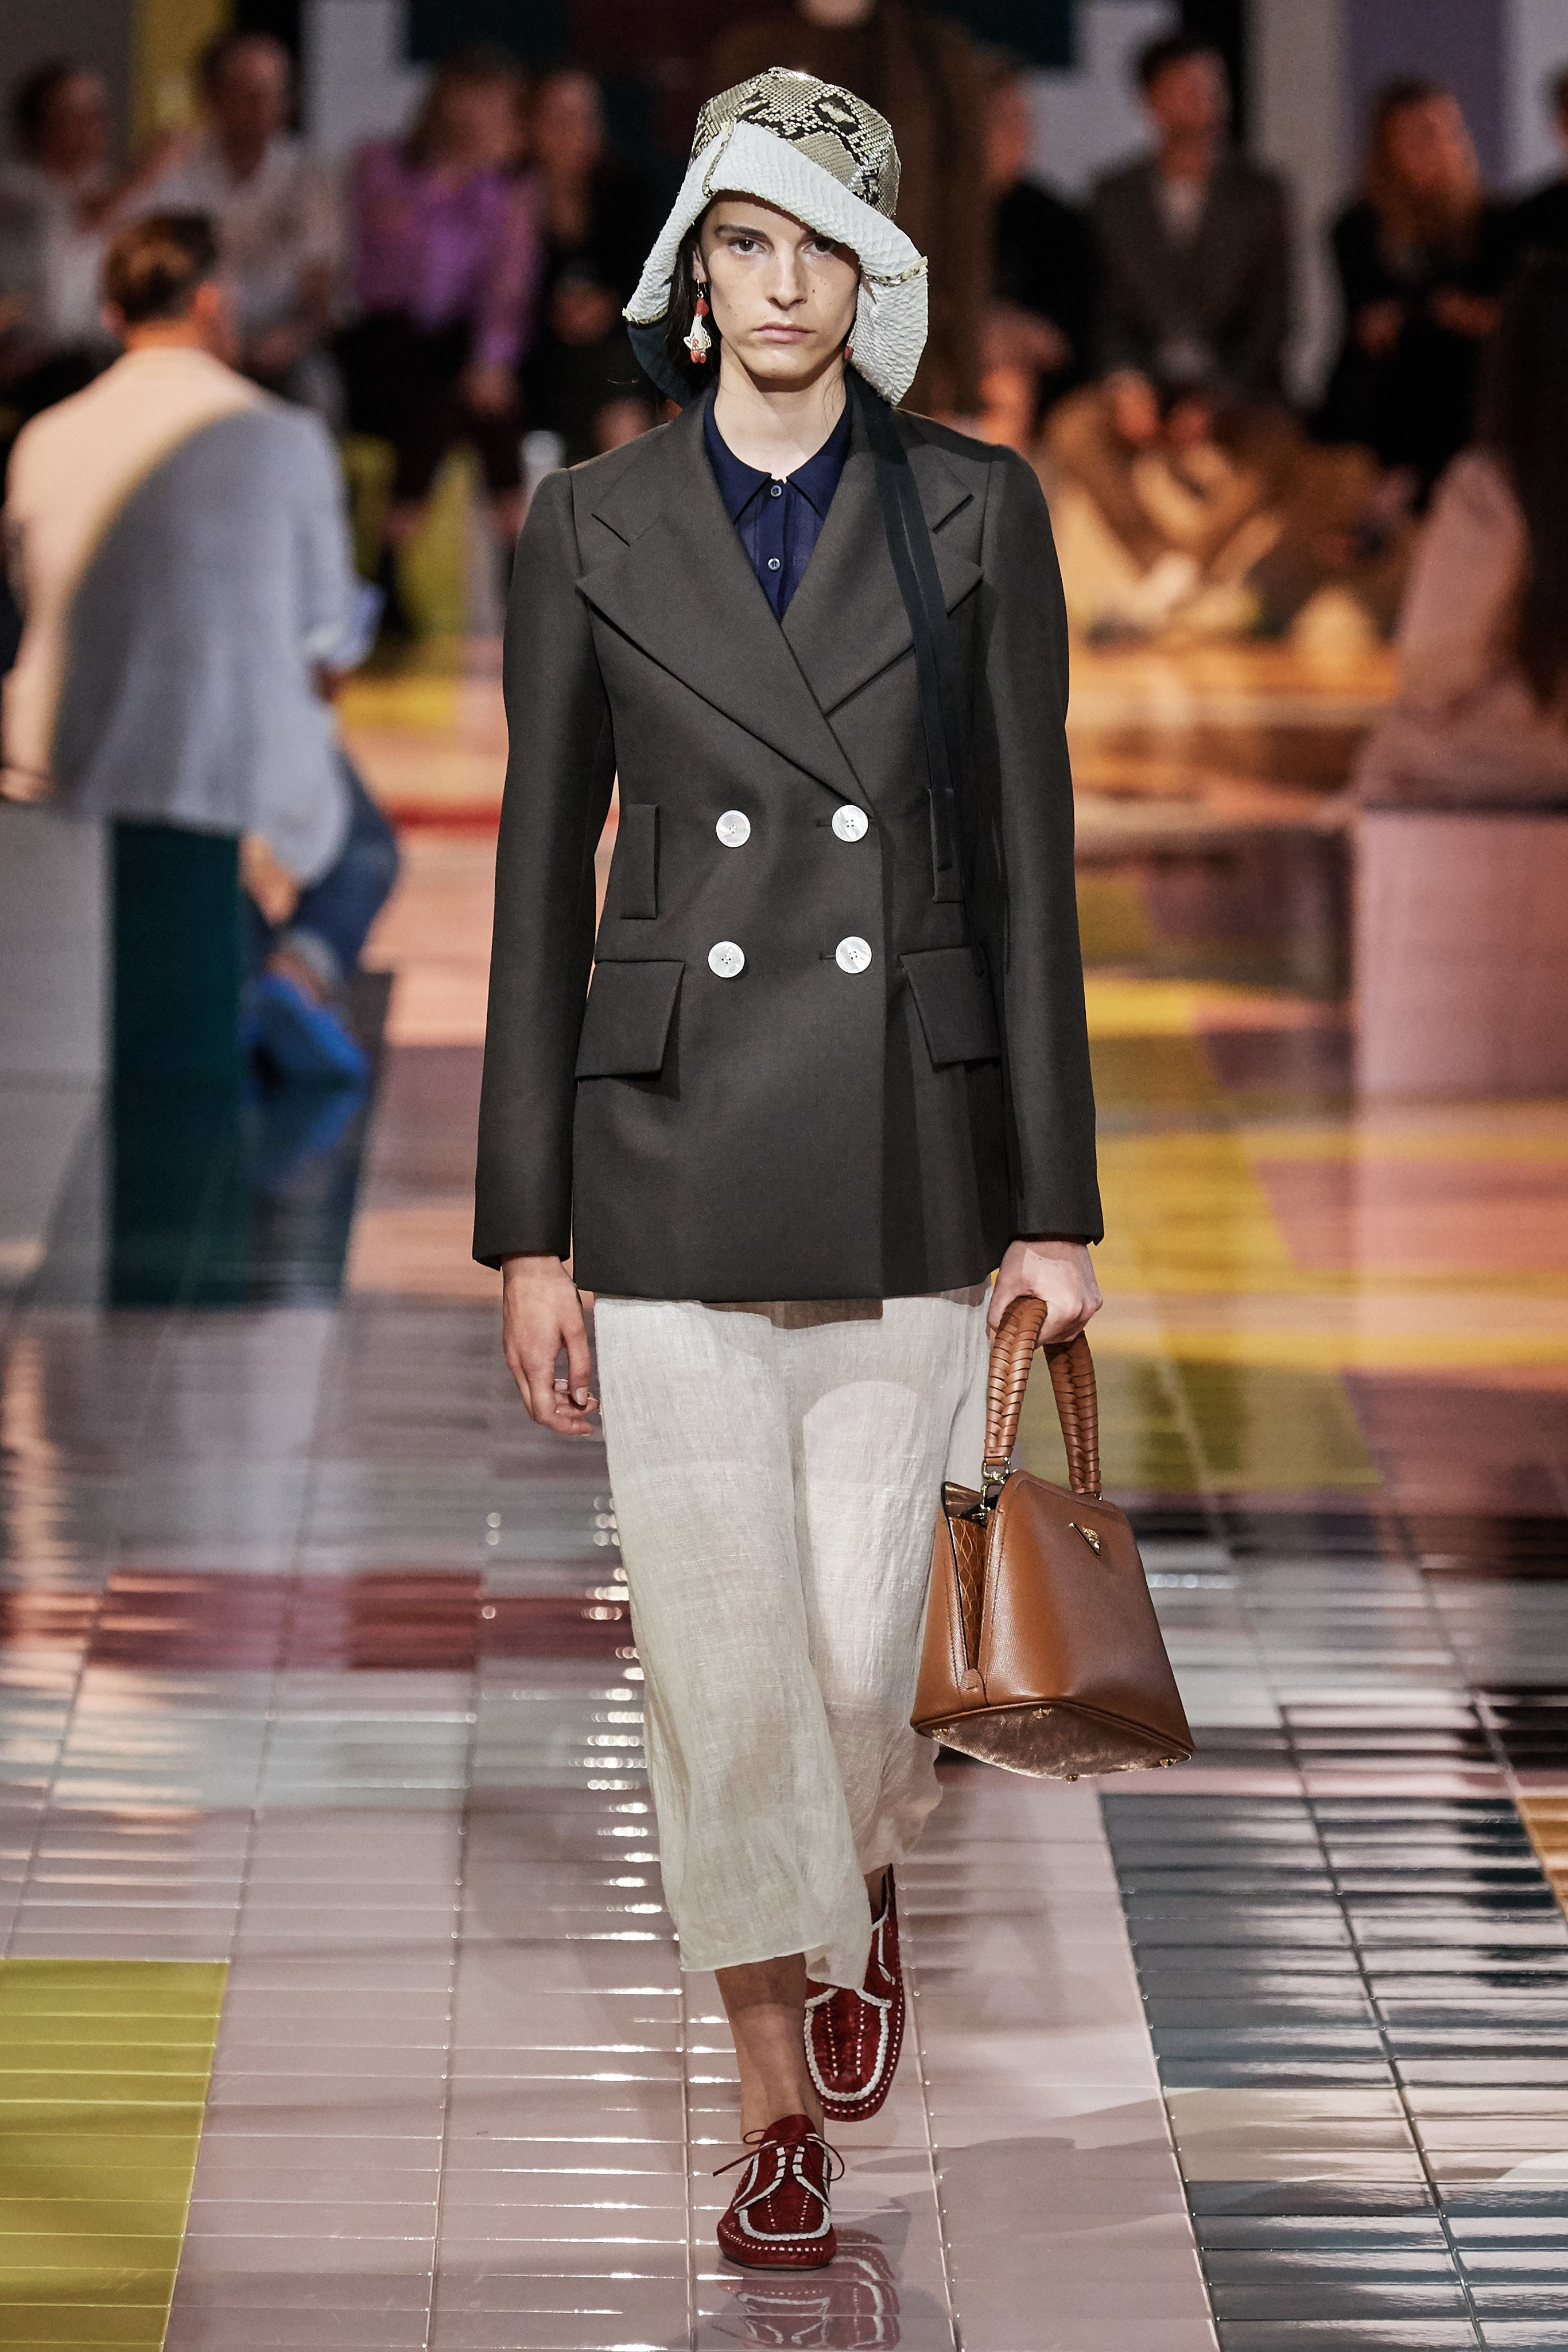 áo vest đen và chân váy prada